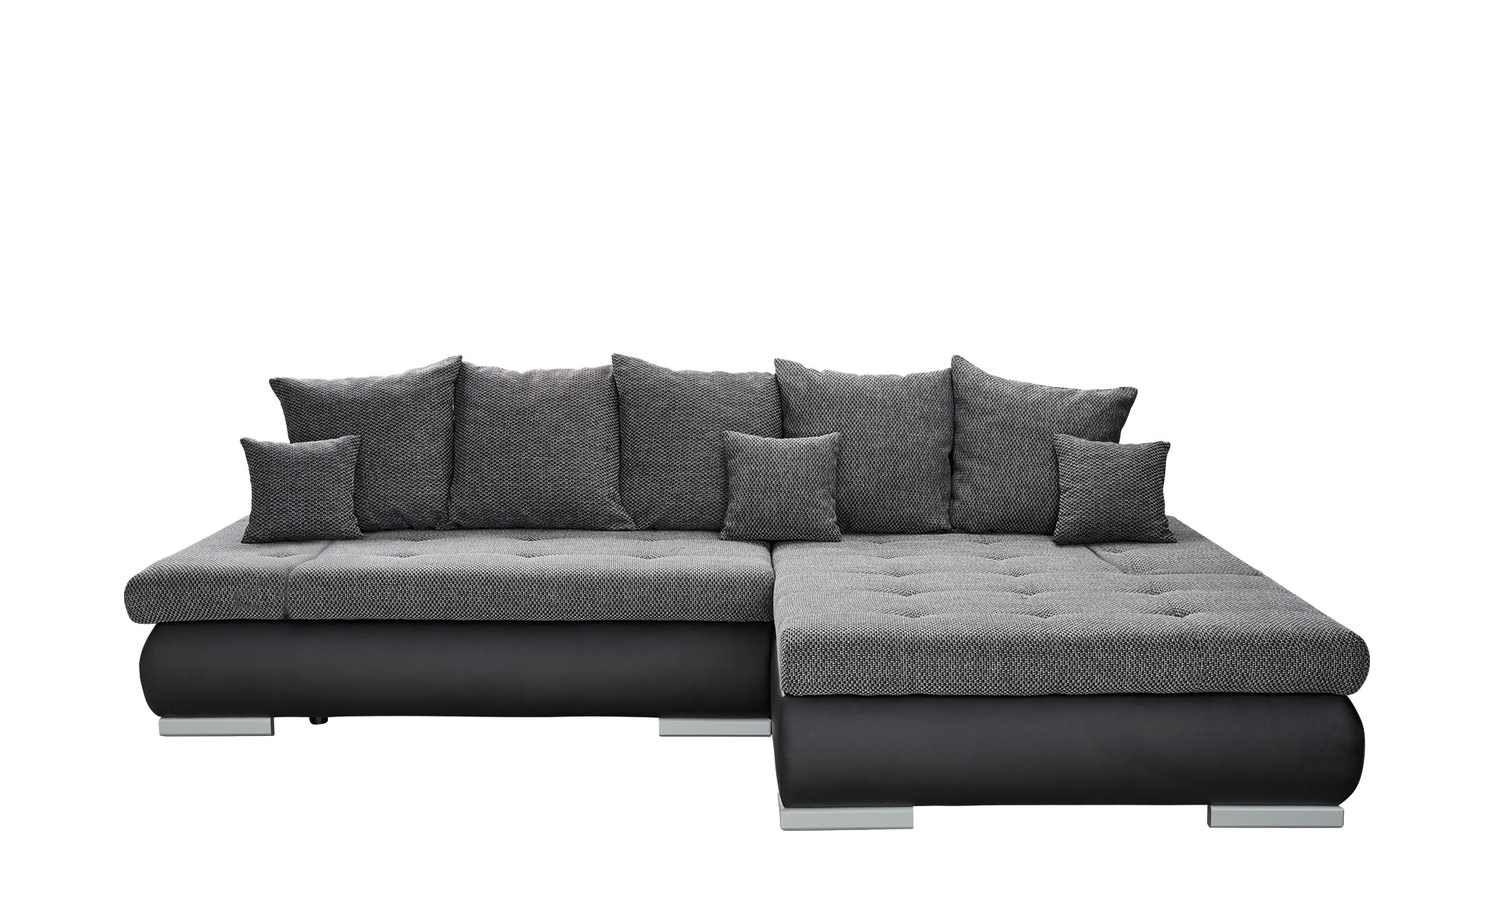 Switch Eckcouch Schwarz Grau Kunstleder Webstoff Ivan Mit Bildern Eckcouch Couch Eckcouch Mit Schlaffunktion